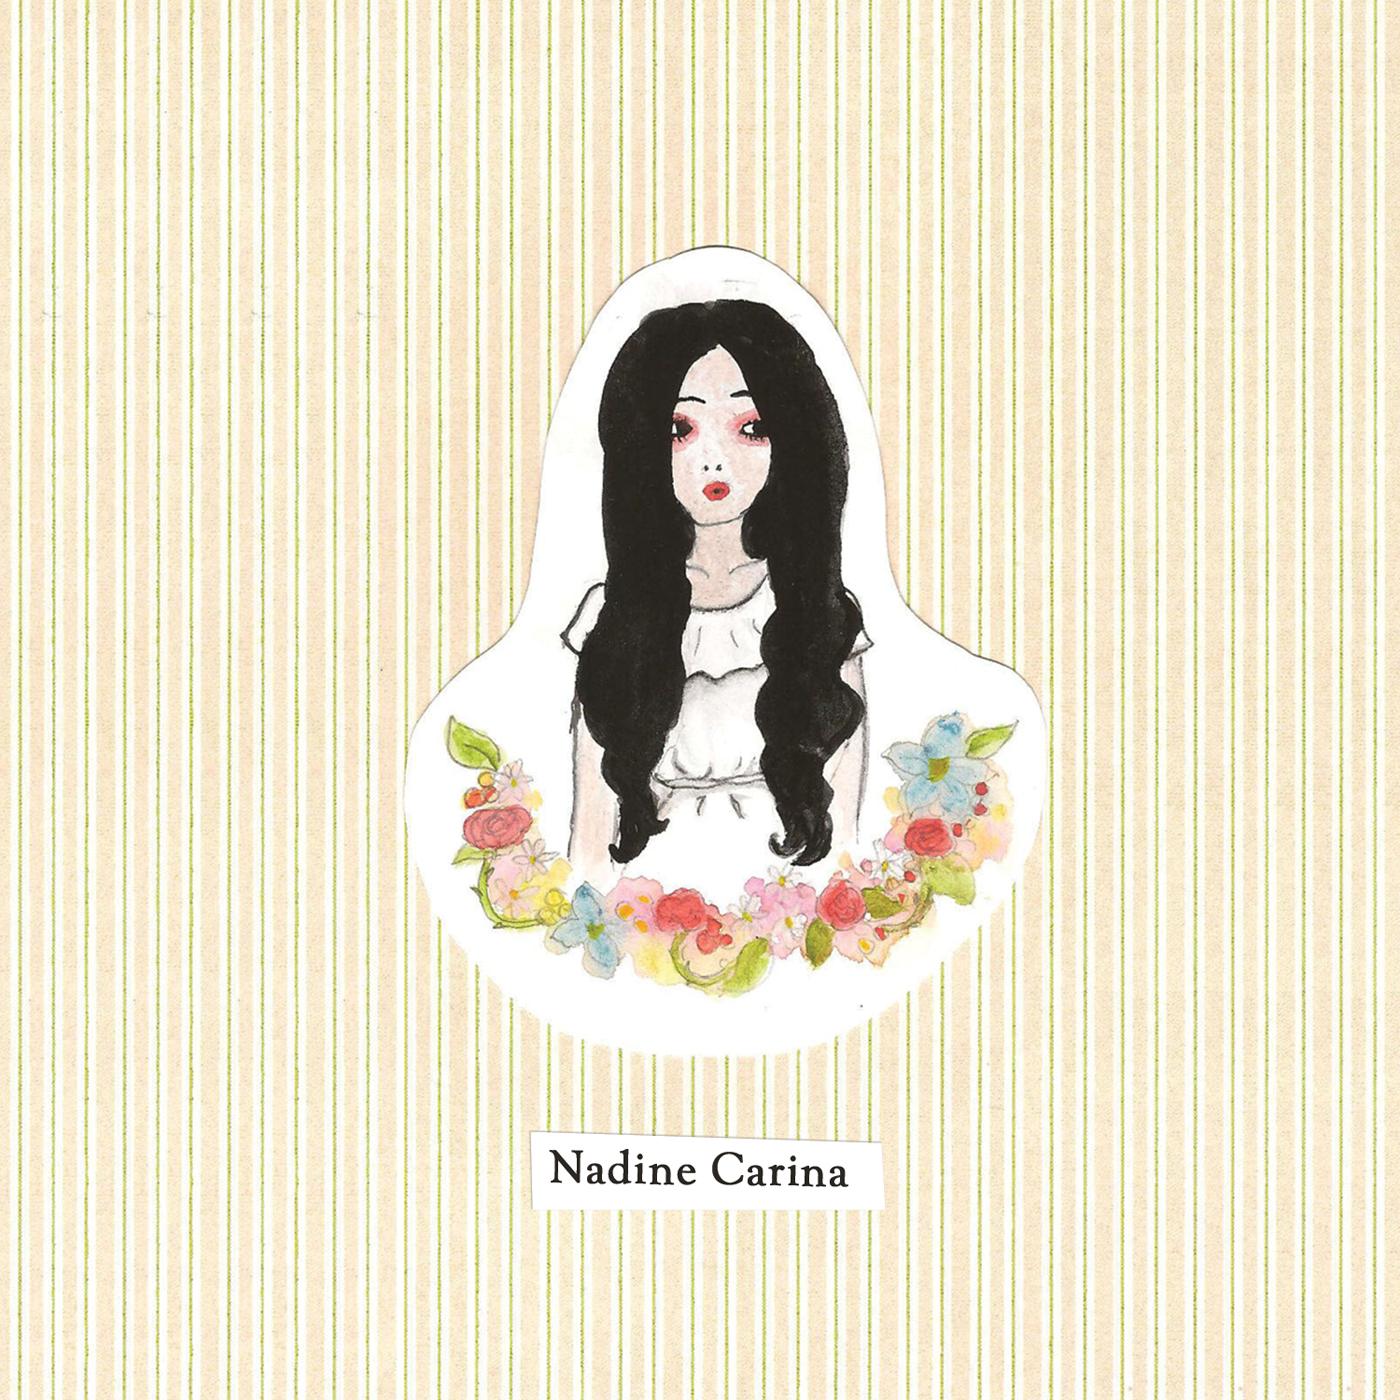 FH012 nadinecarina-Cover_1400.jpg